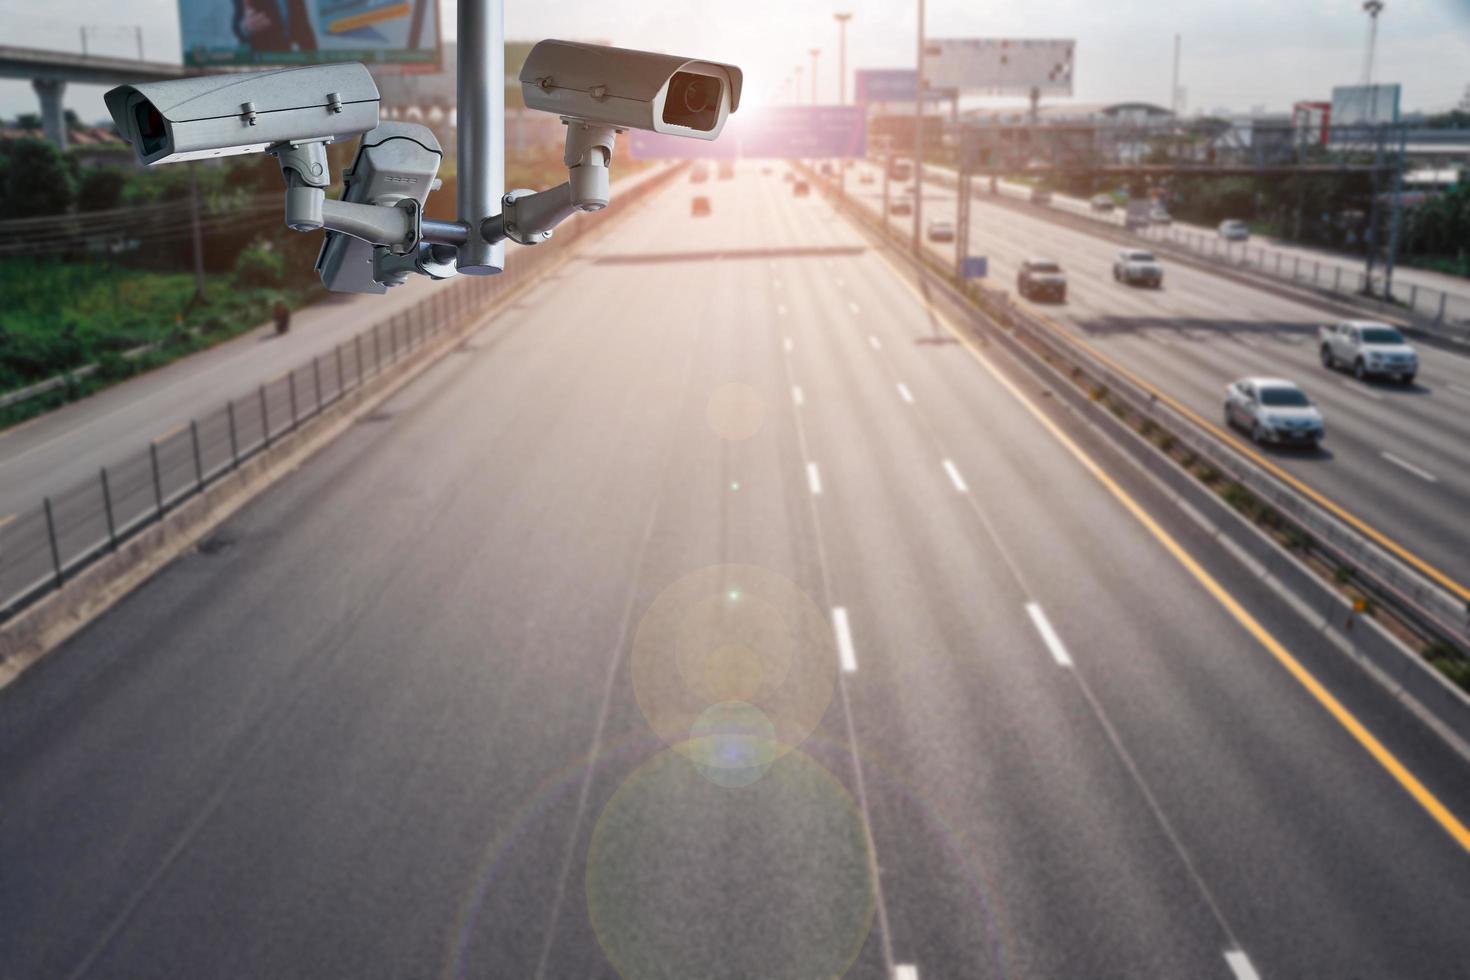 telecamere a circuito chiuso sul cavalcavia per la registrazione su road.ations. foto